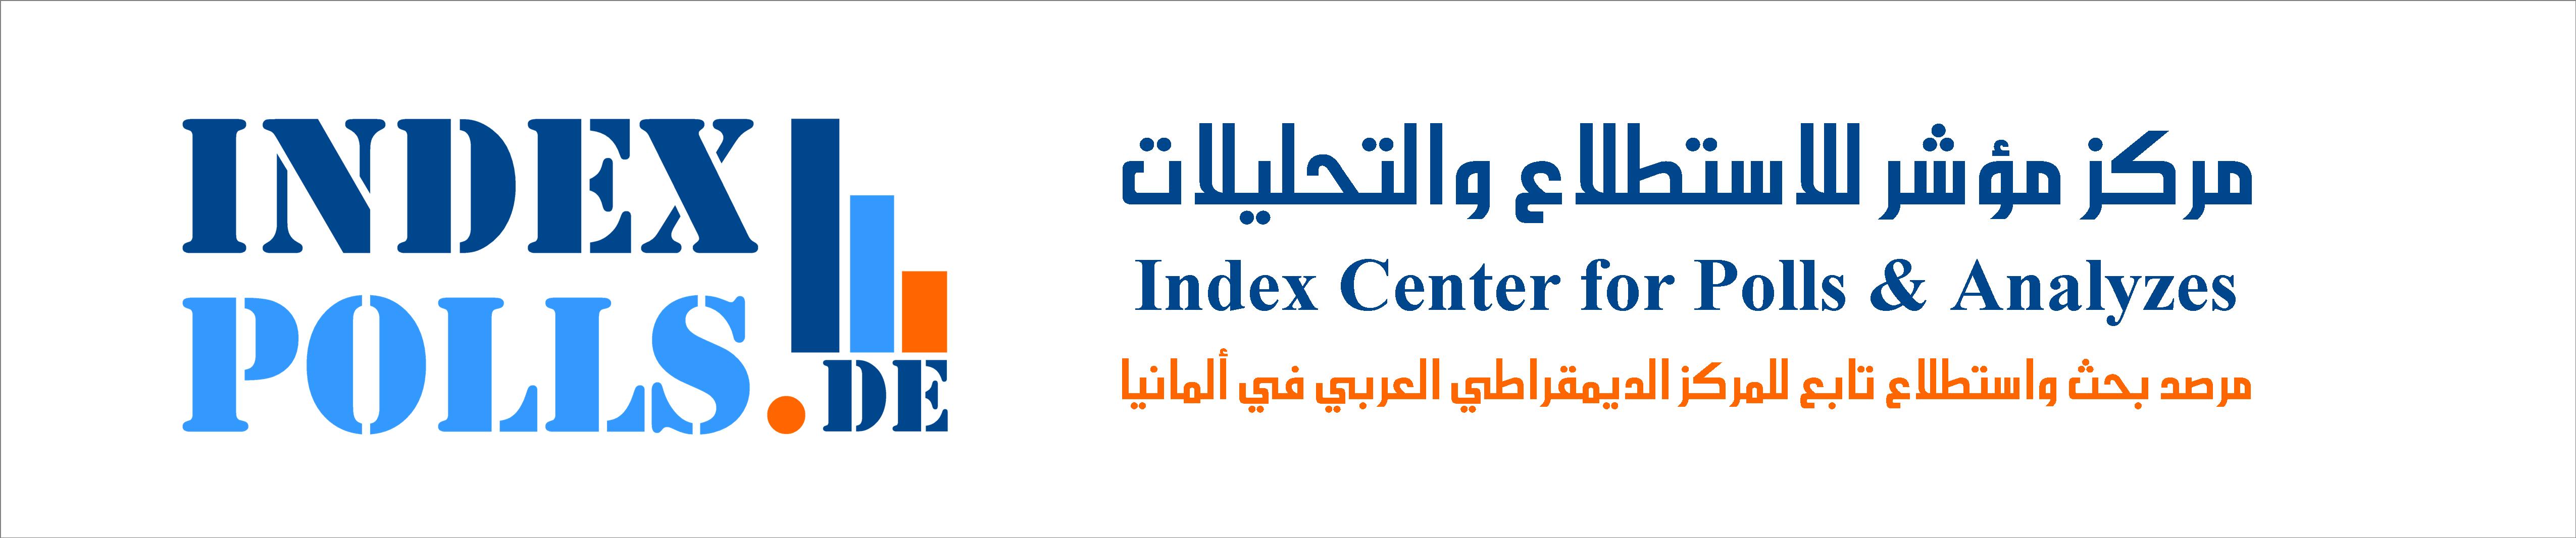 مركز مؤشر للاستطلاع والتحليلات